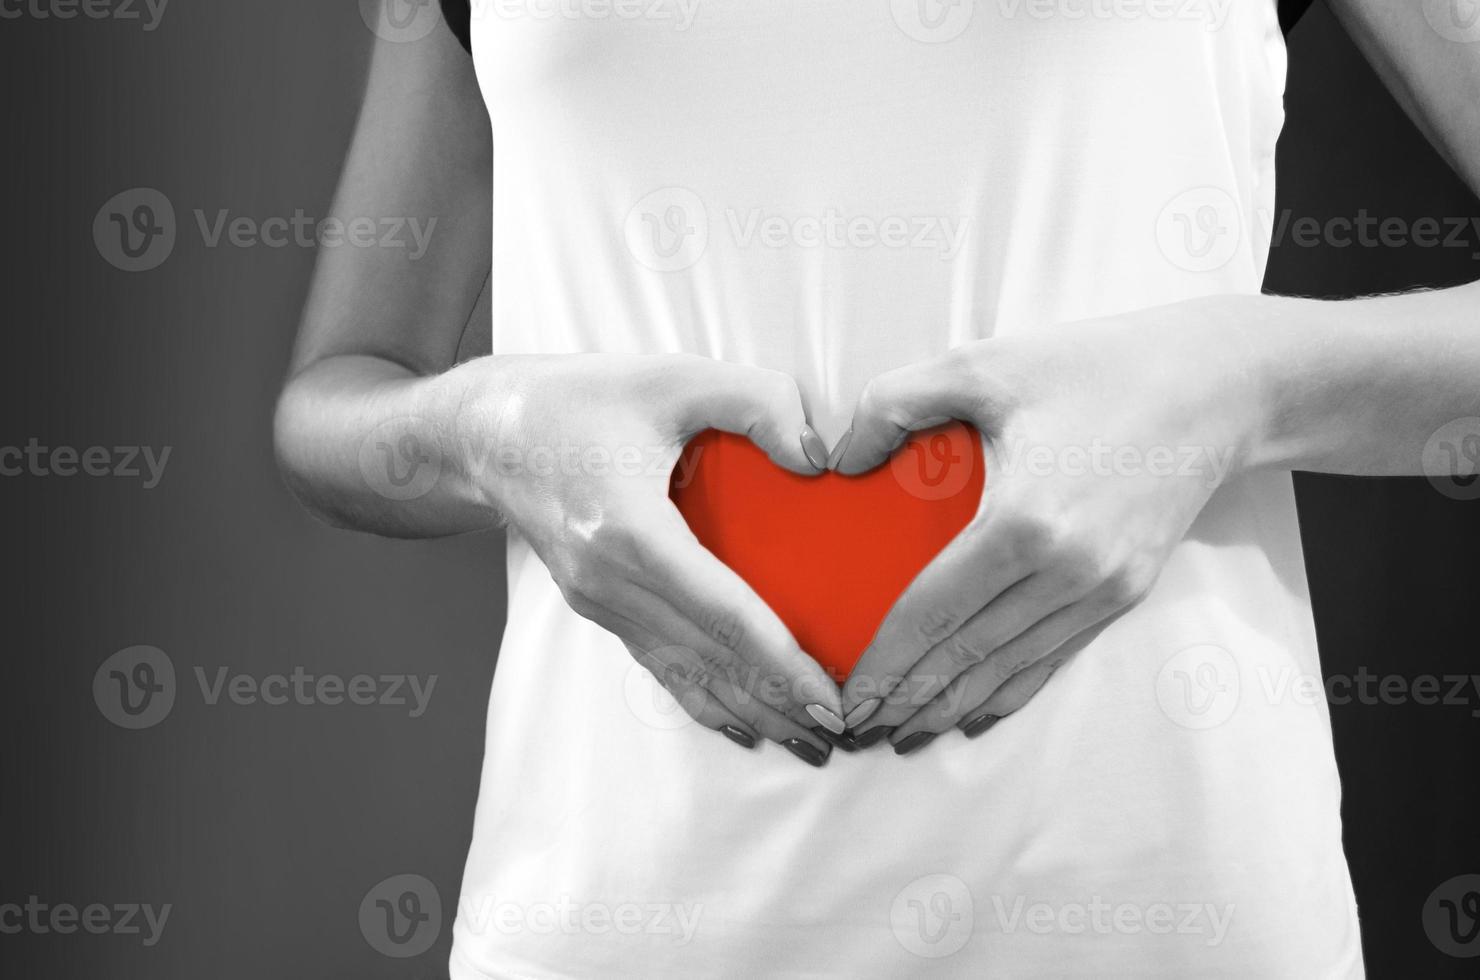 soin de la santé. santé des intestins, de l'estomac. photo